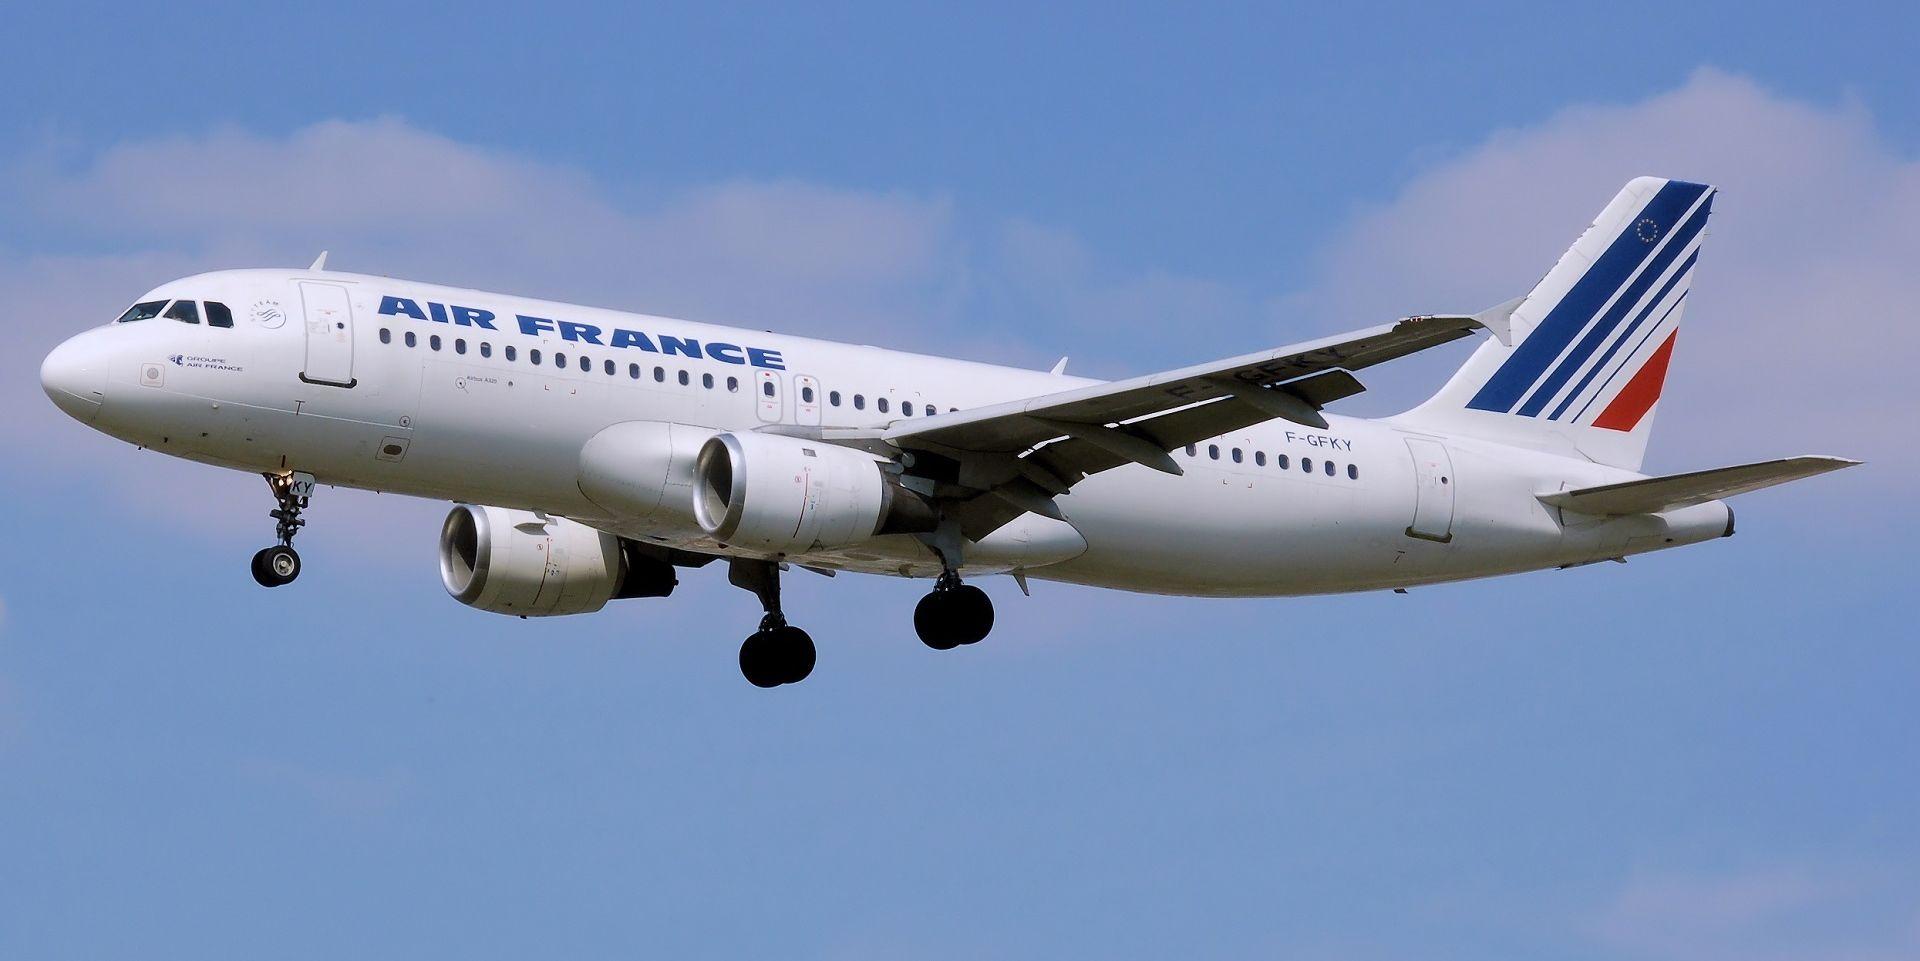 Air France dopušta članicama posade da ne lete u Teheran zbog obveze nošenja marame